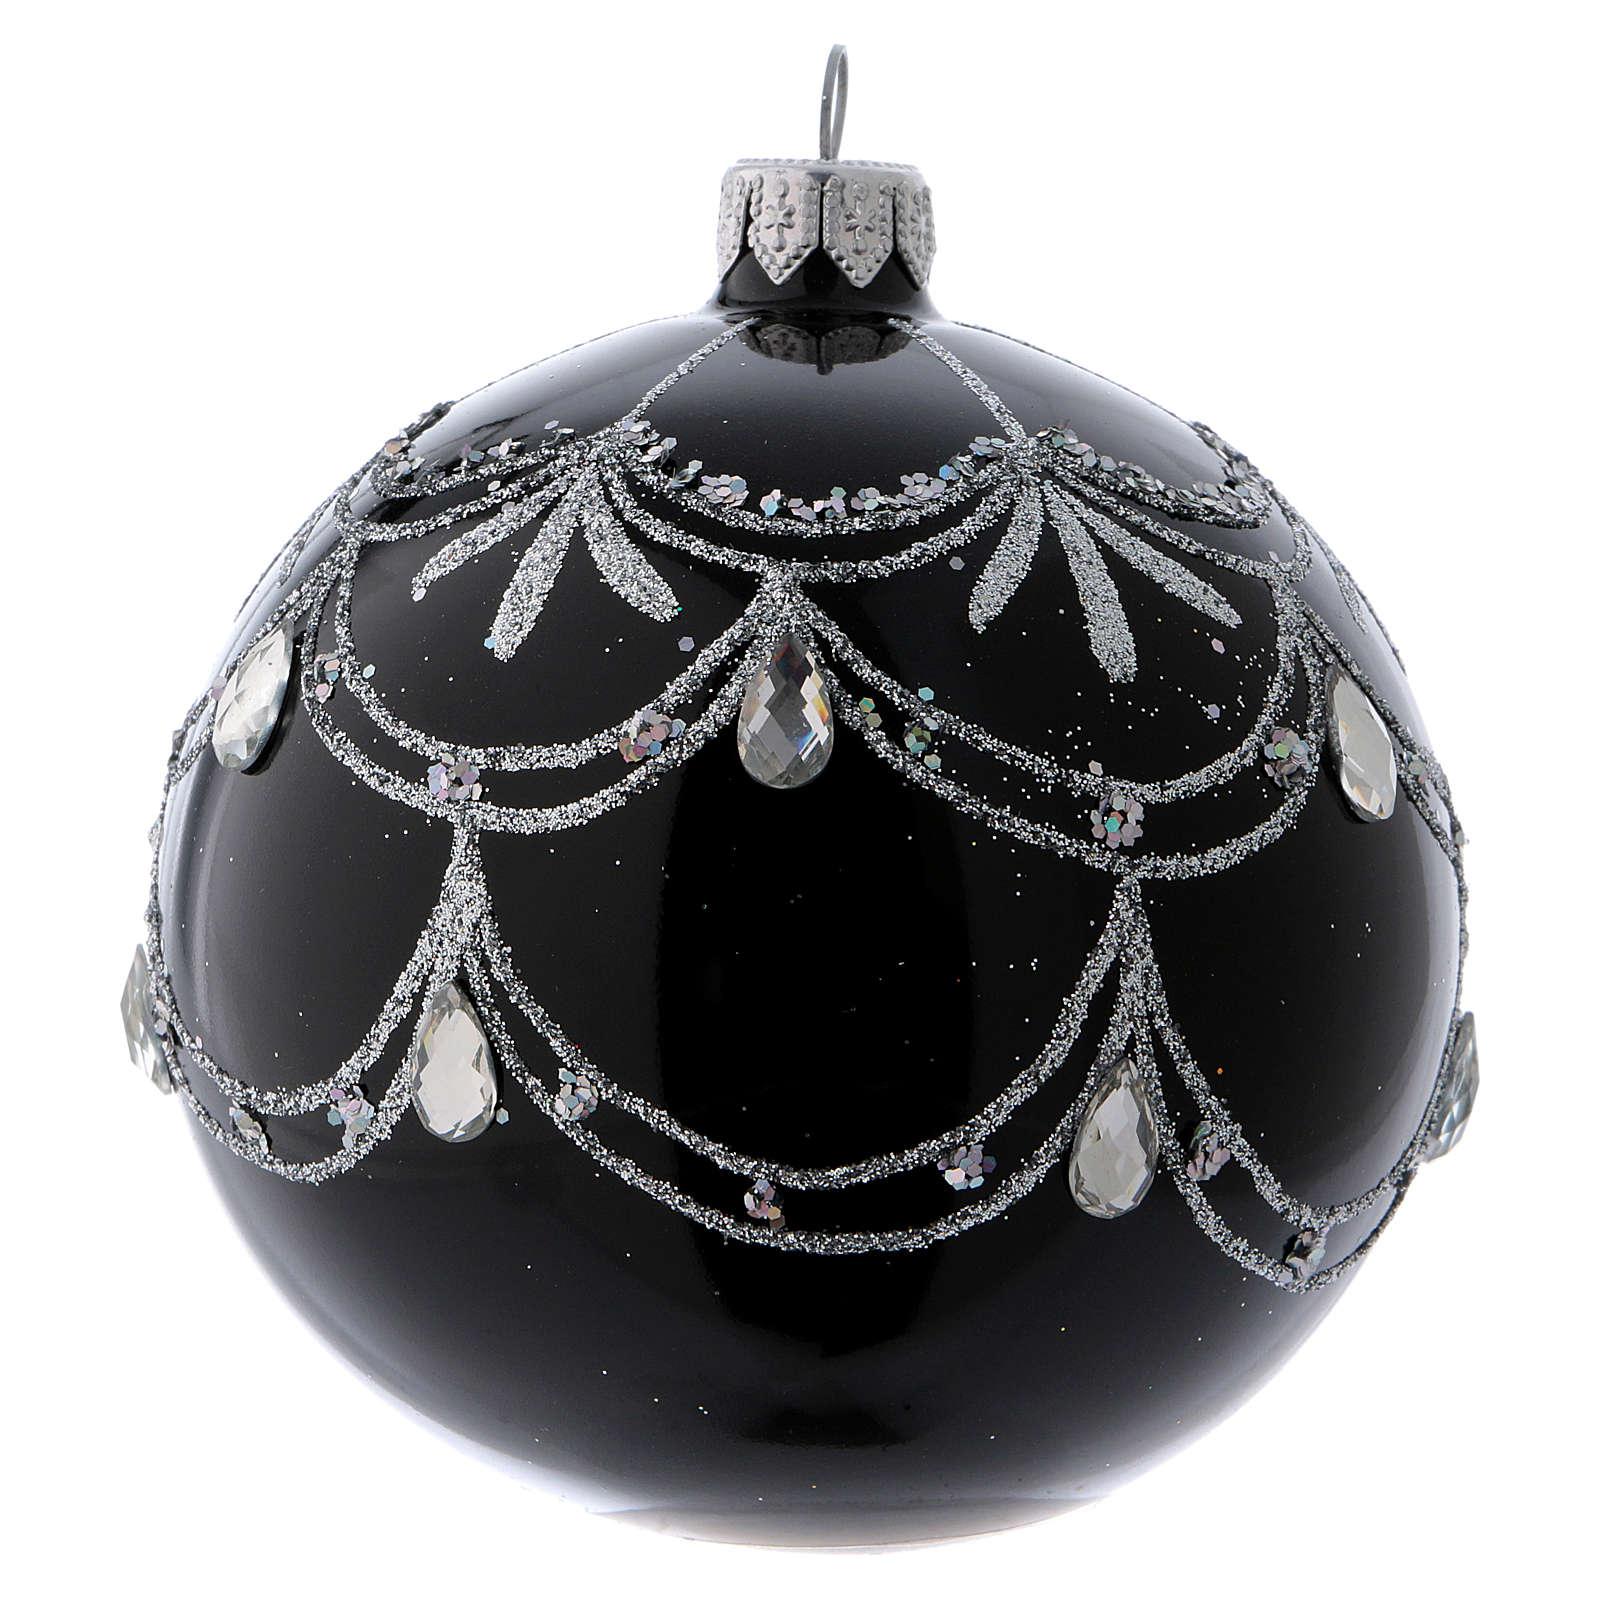 Pallina di Natale nera fregio argentato con lacrime di brillanti 100 mm 4